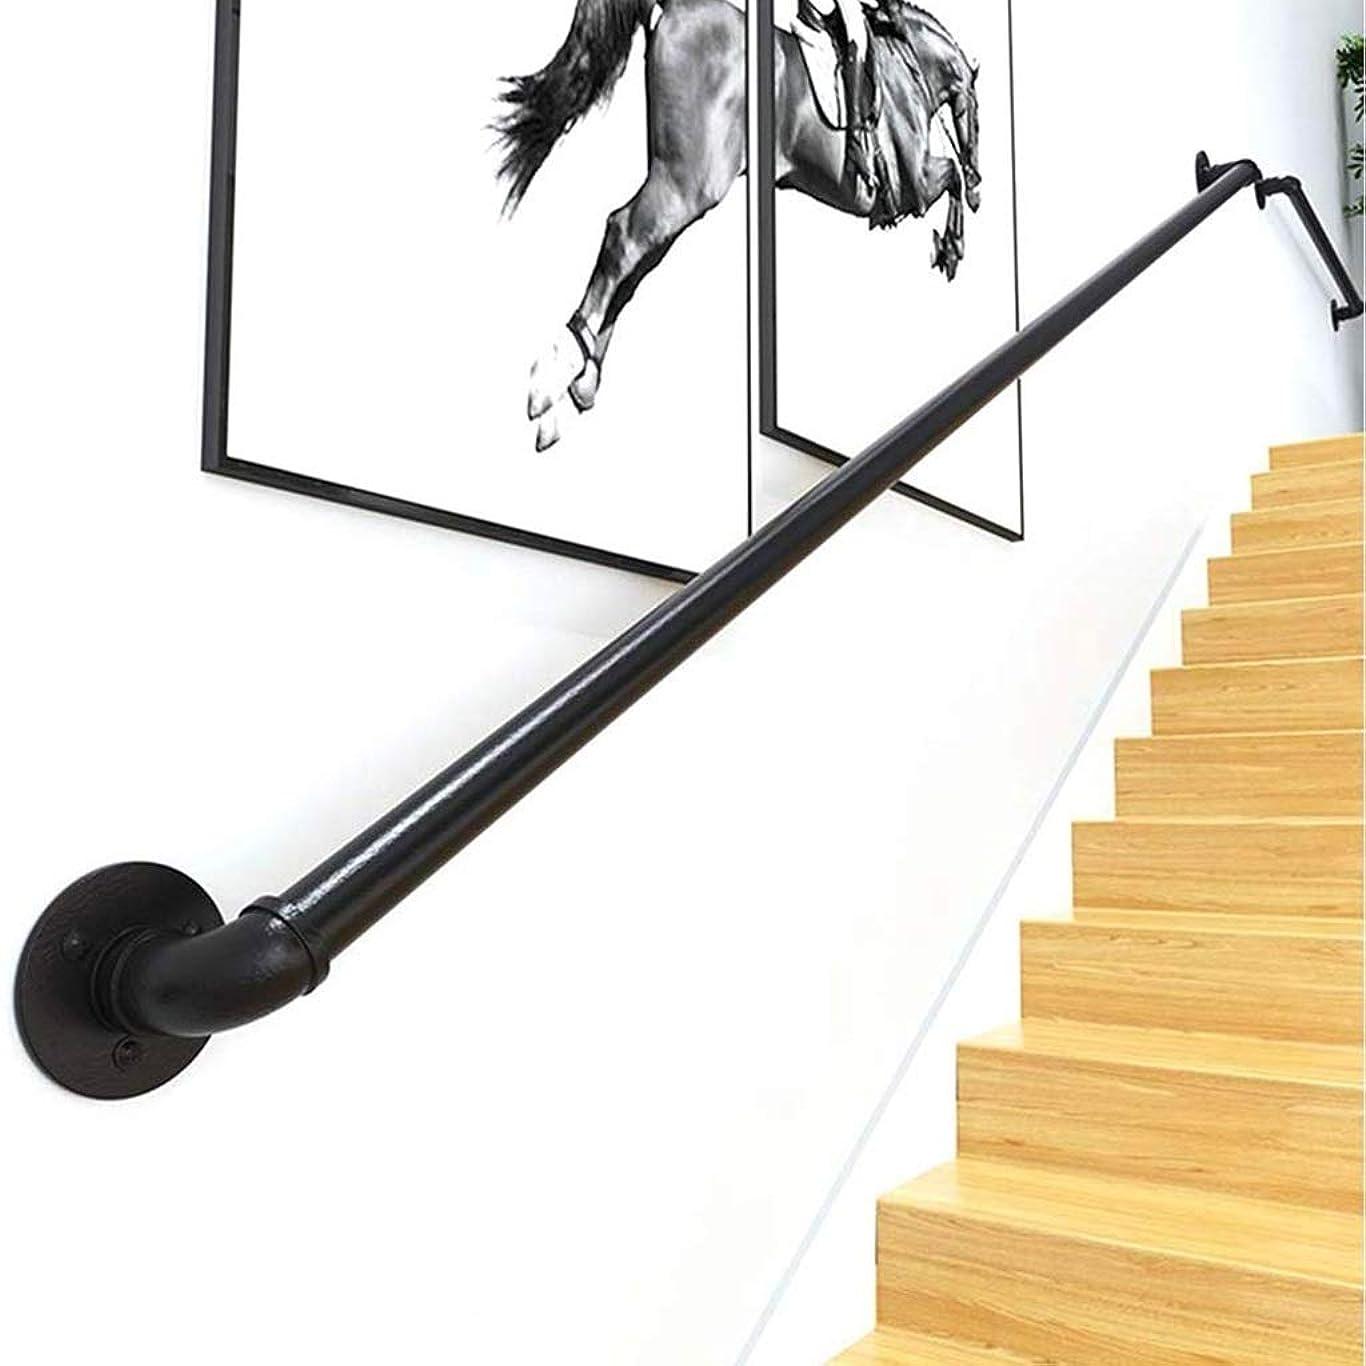 通行料金保証ファーム階段のステップのための手すり、プロフェッショナル産業錬鉄ブラックパイプ階段の手すり、壁掛け屋内屋外ノンスリップ安全レール、1フィート、20フィート (Size : 12ft)